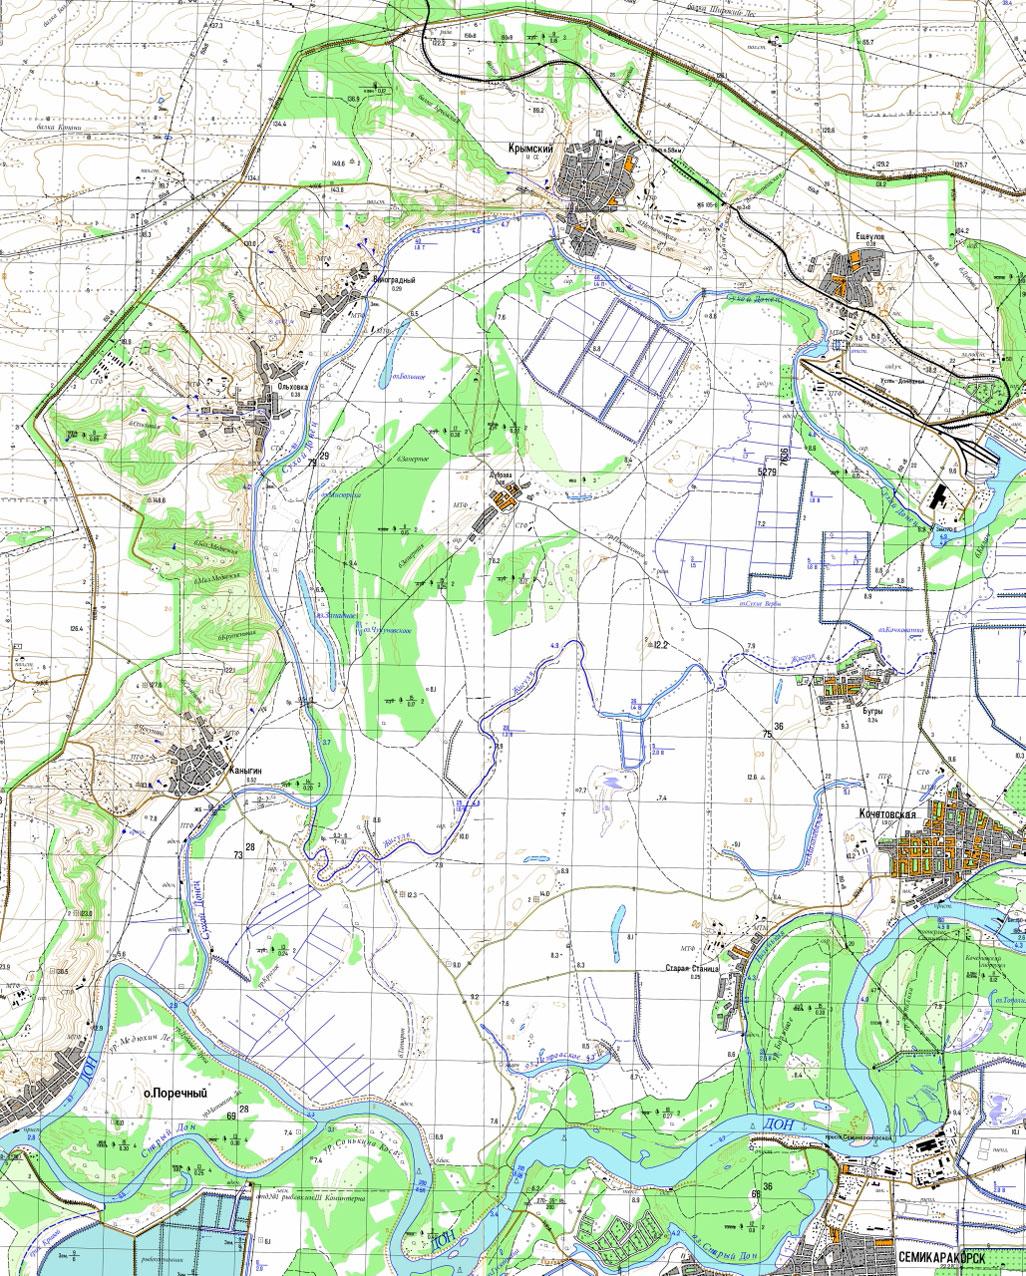 Карта местности г.Ростов-на-Дону, Усть-Донецкий р-он, около п.Крымский.